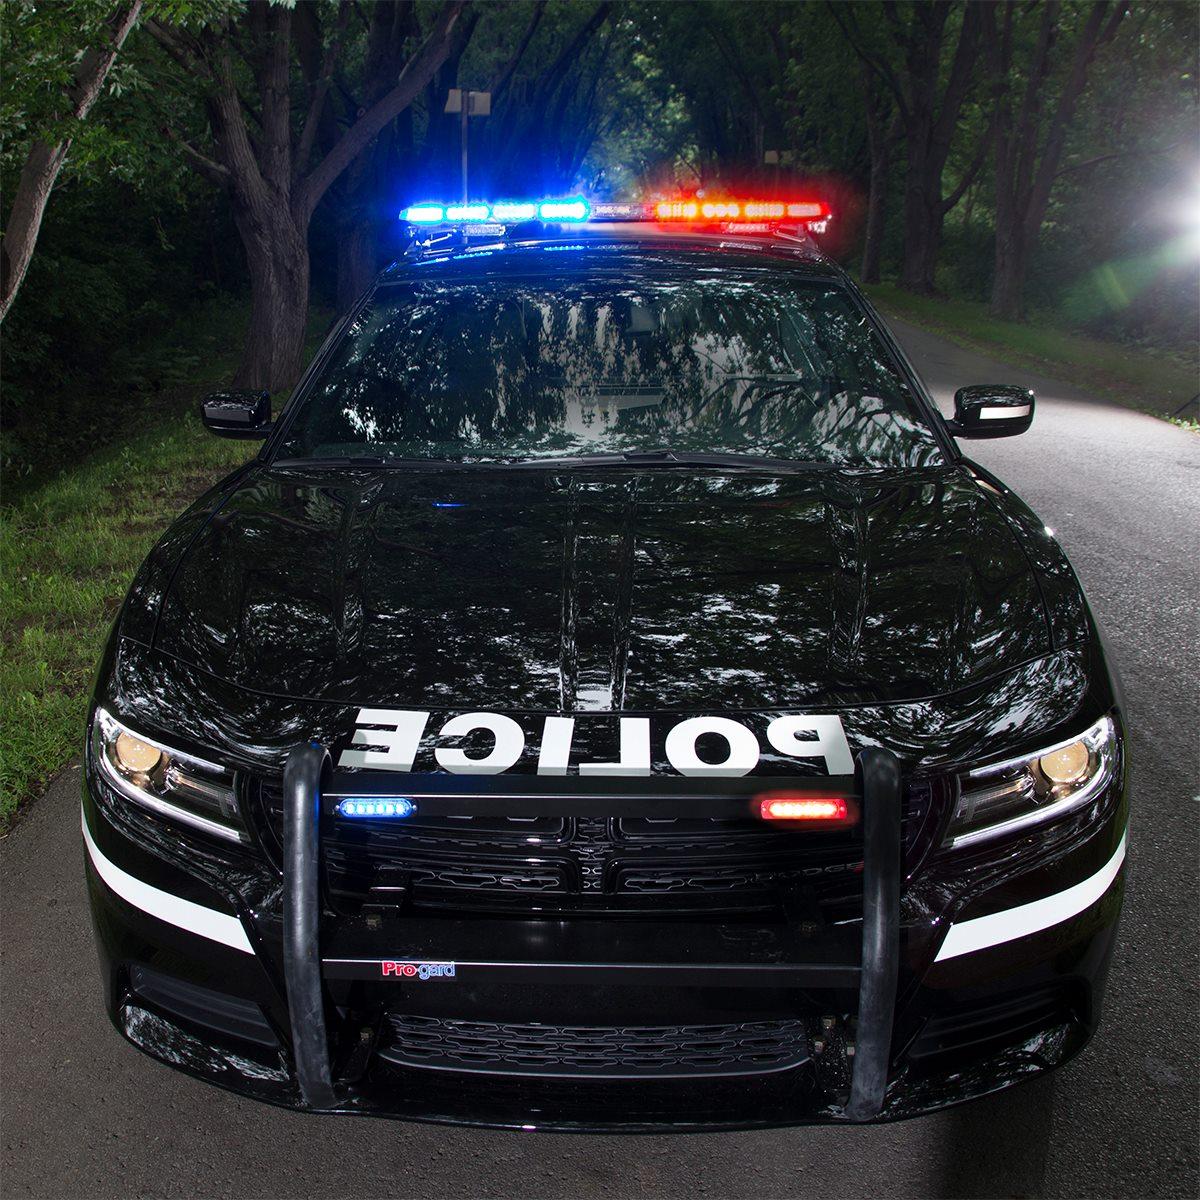 Les voitures de la Sûreté du Québec changent